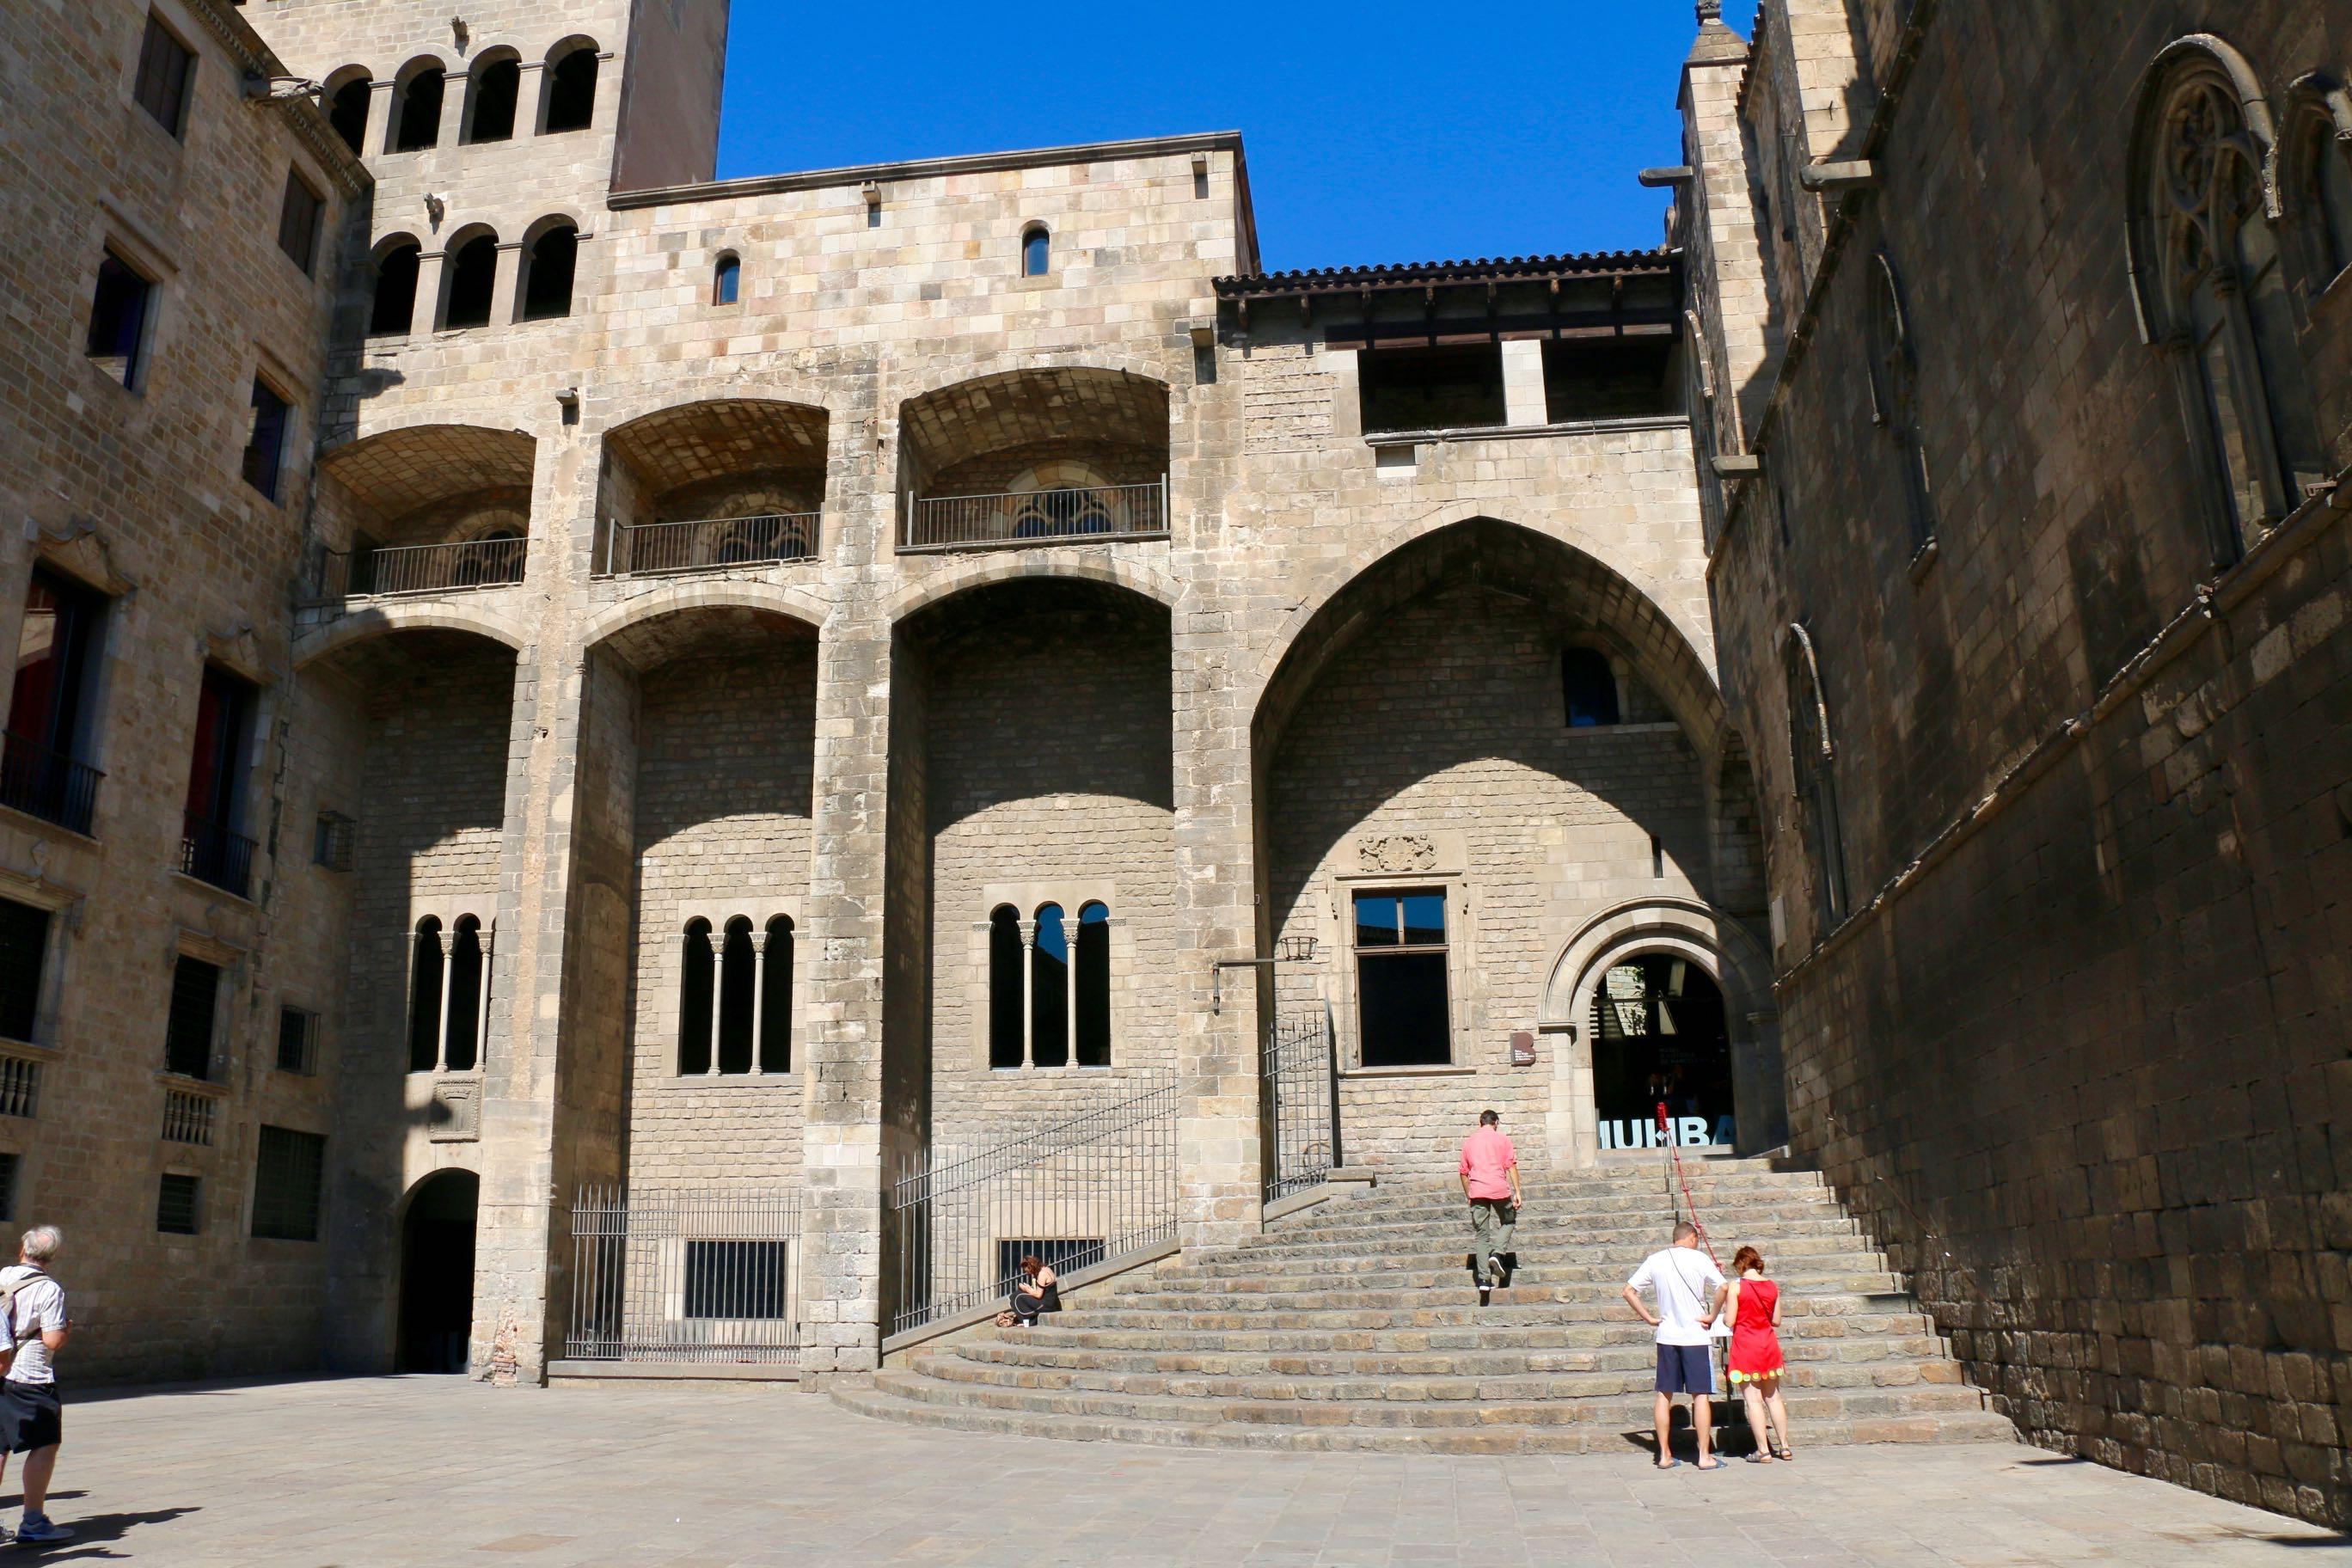 Plaça del Rei. S'hi pot veure la façana del Palau Major, al fons, i la Capella de Santa Àgata, a la dreta